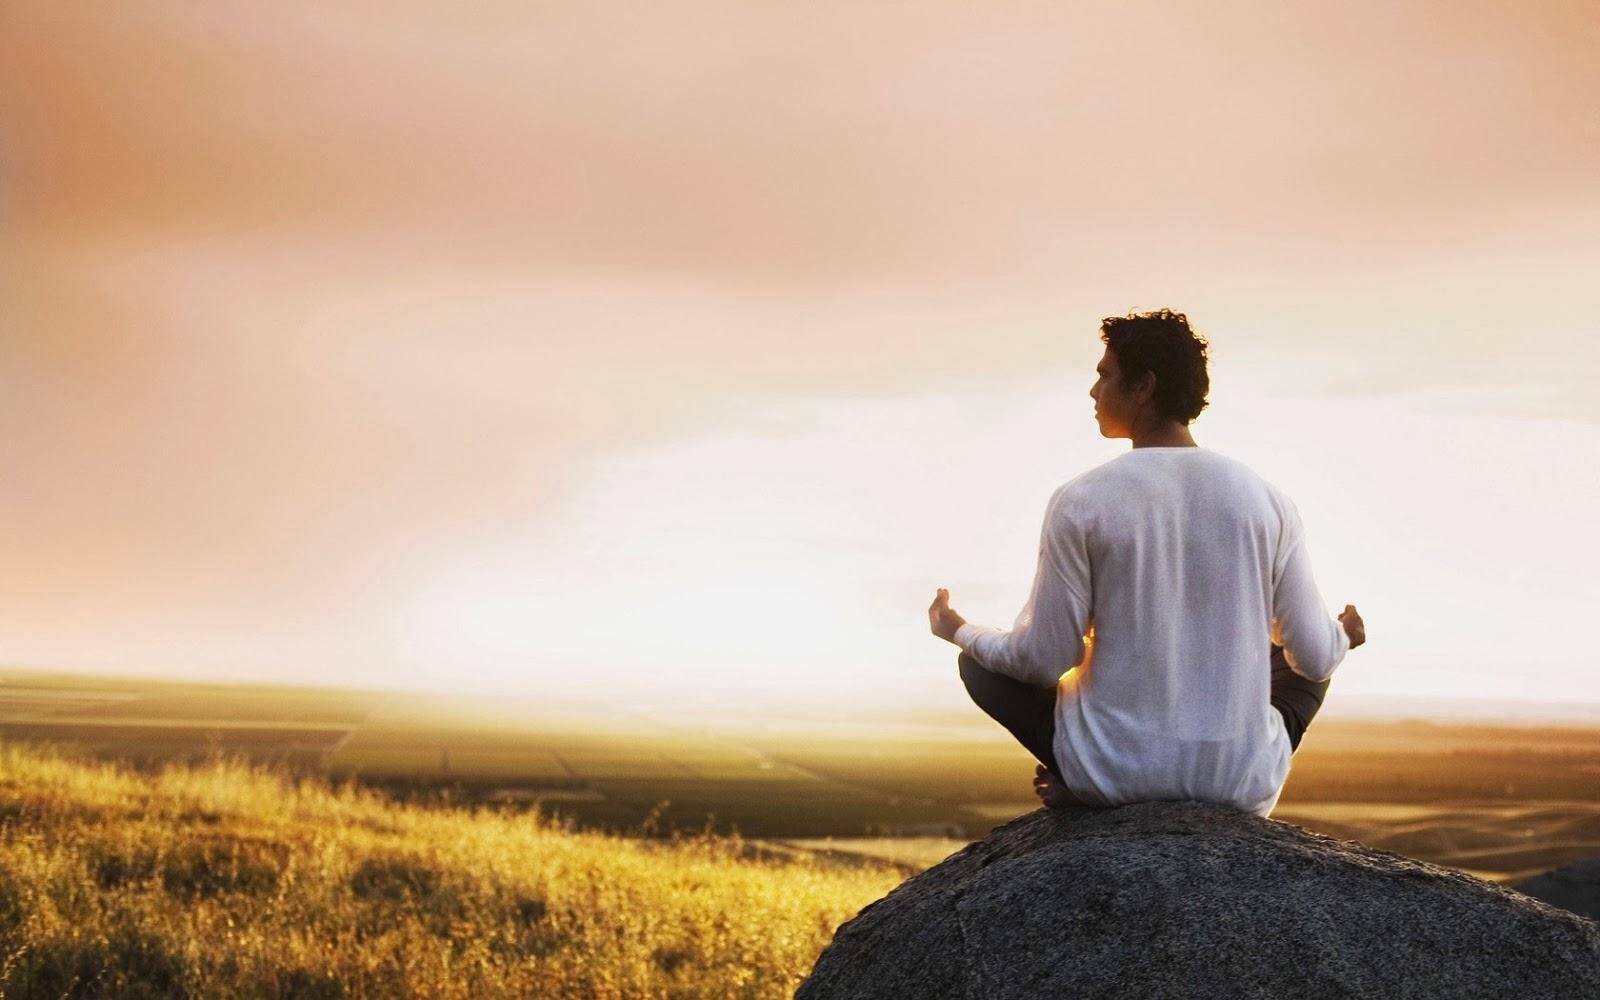 om meditation wallpaper - photo #27